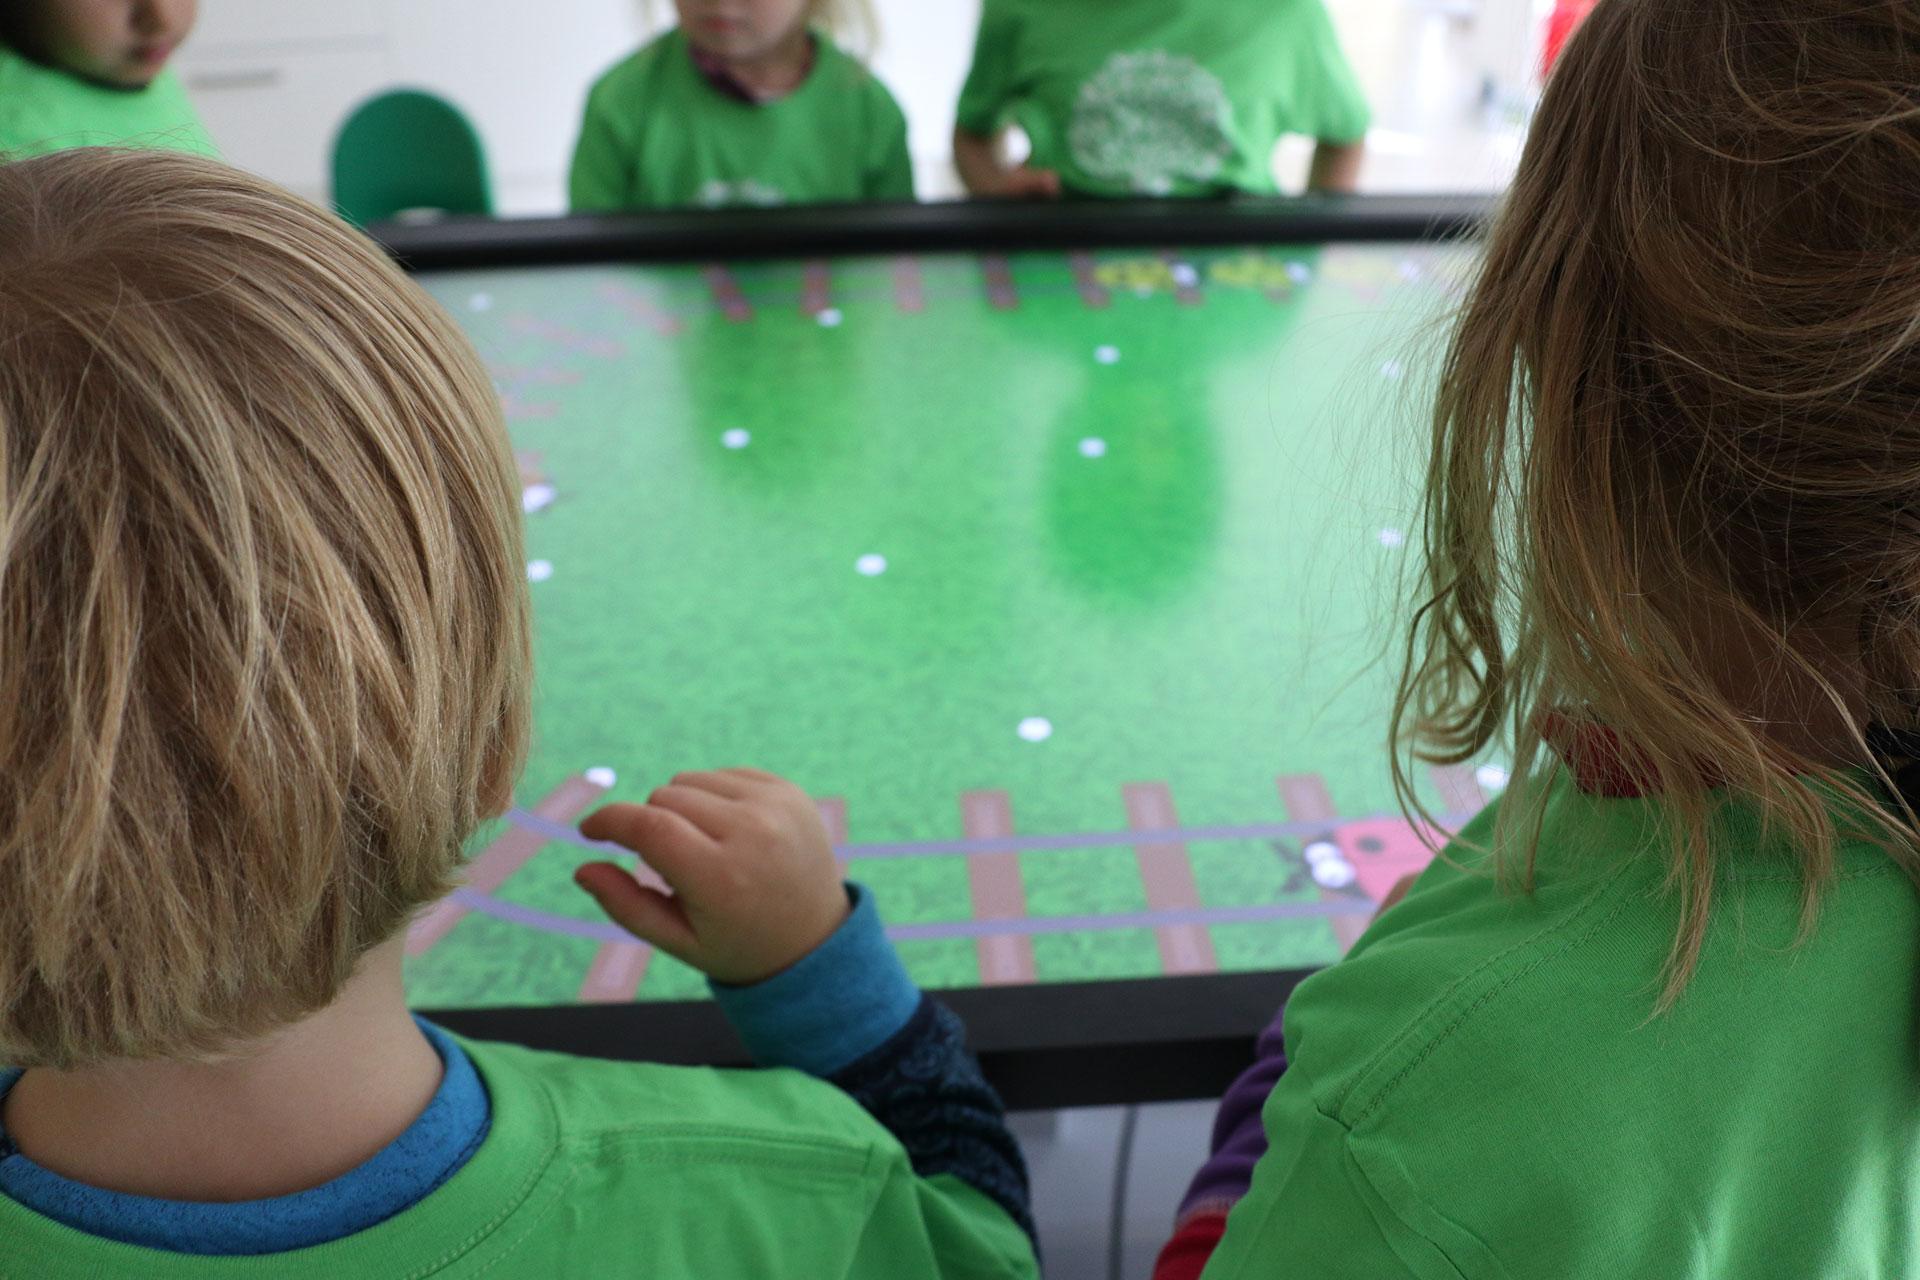 Barnehage Interaktiv pedagogisk oppgaver prowise